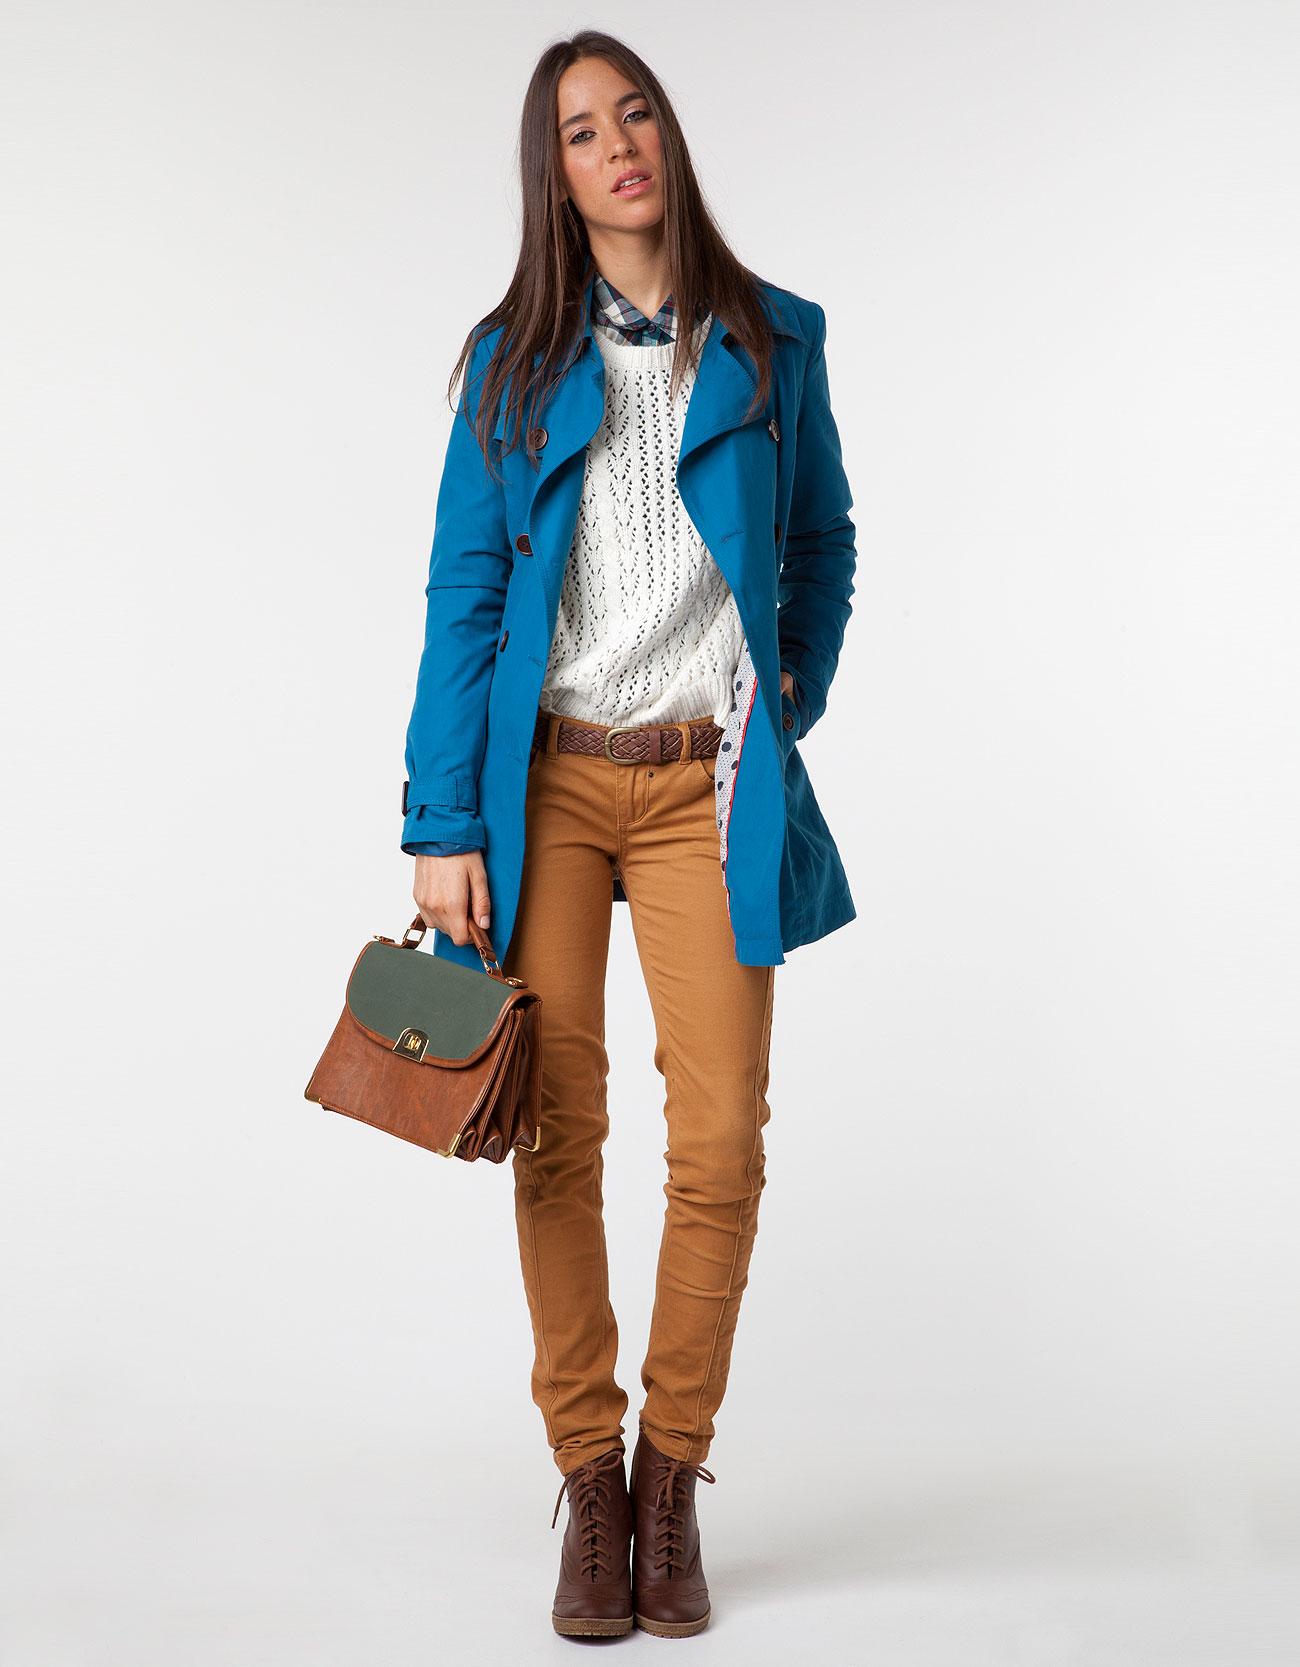 гoséllα | Fashion